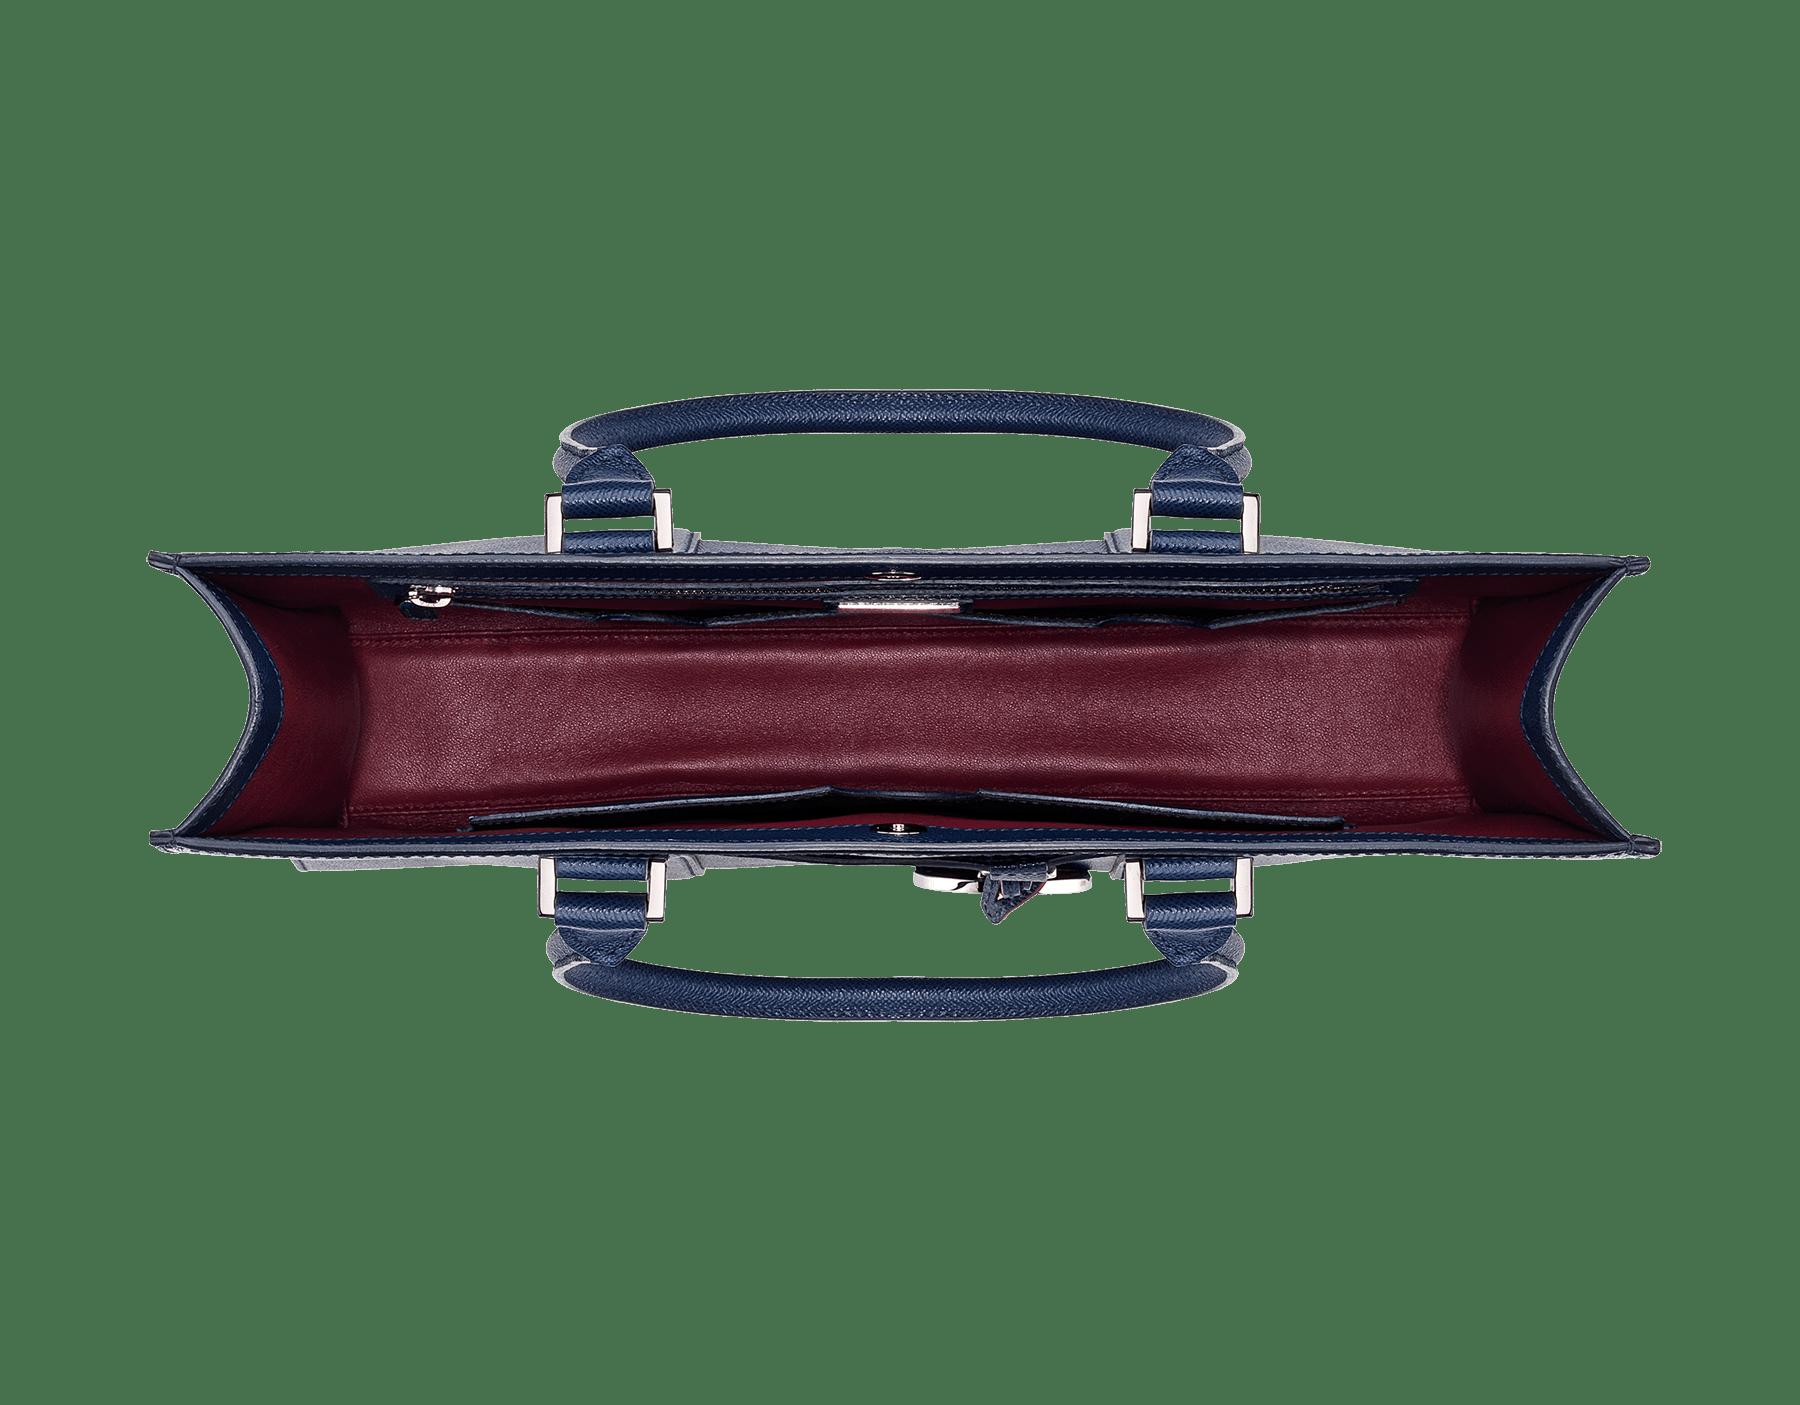 デニムサファイアのグレインカーフレザー製トートバッグ。ブラスパラジウムプレート金具付き。内側にジップ付きポケット×1、オープンポケット×3、ブルガリロゴ入りメタルタグ付き。取り外しのできるラベルタグ。 39391 image 4